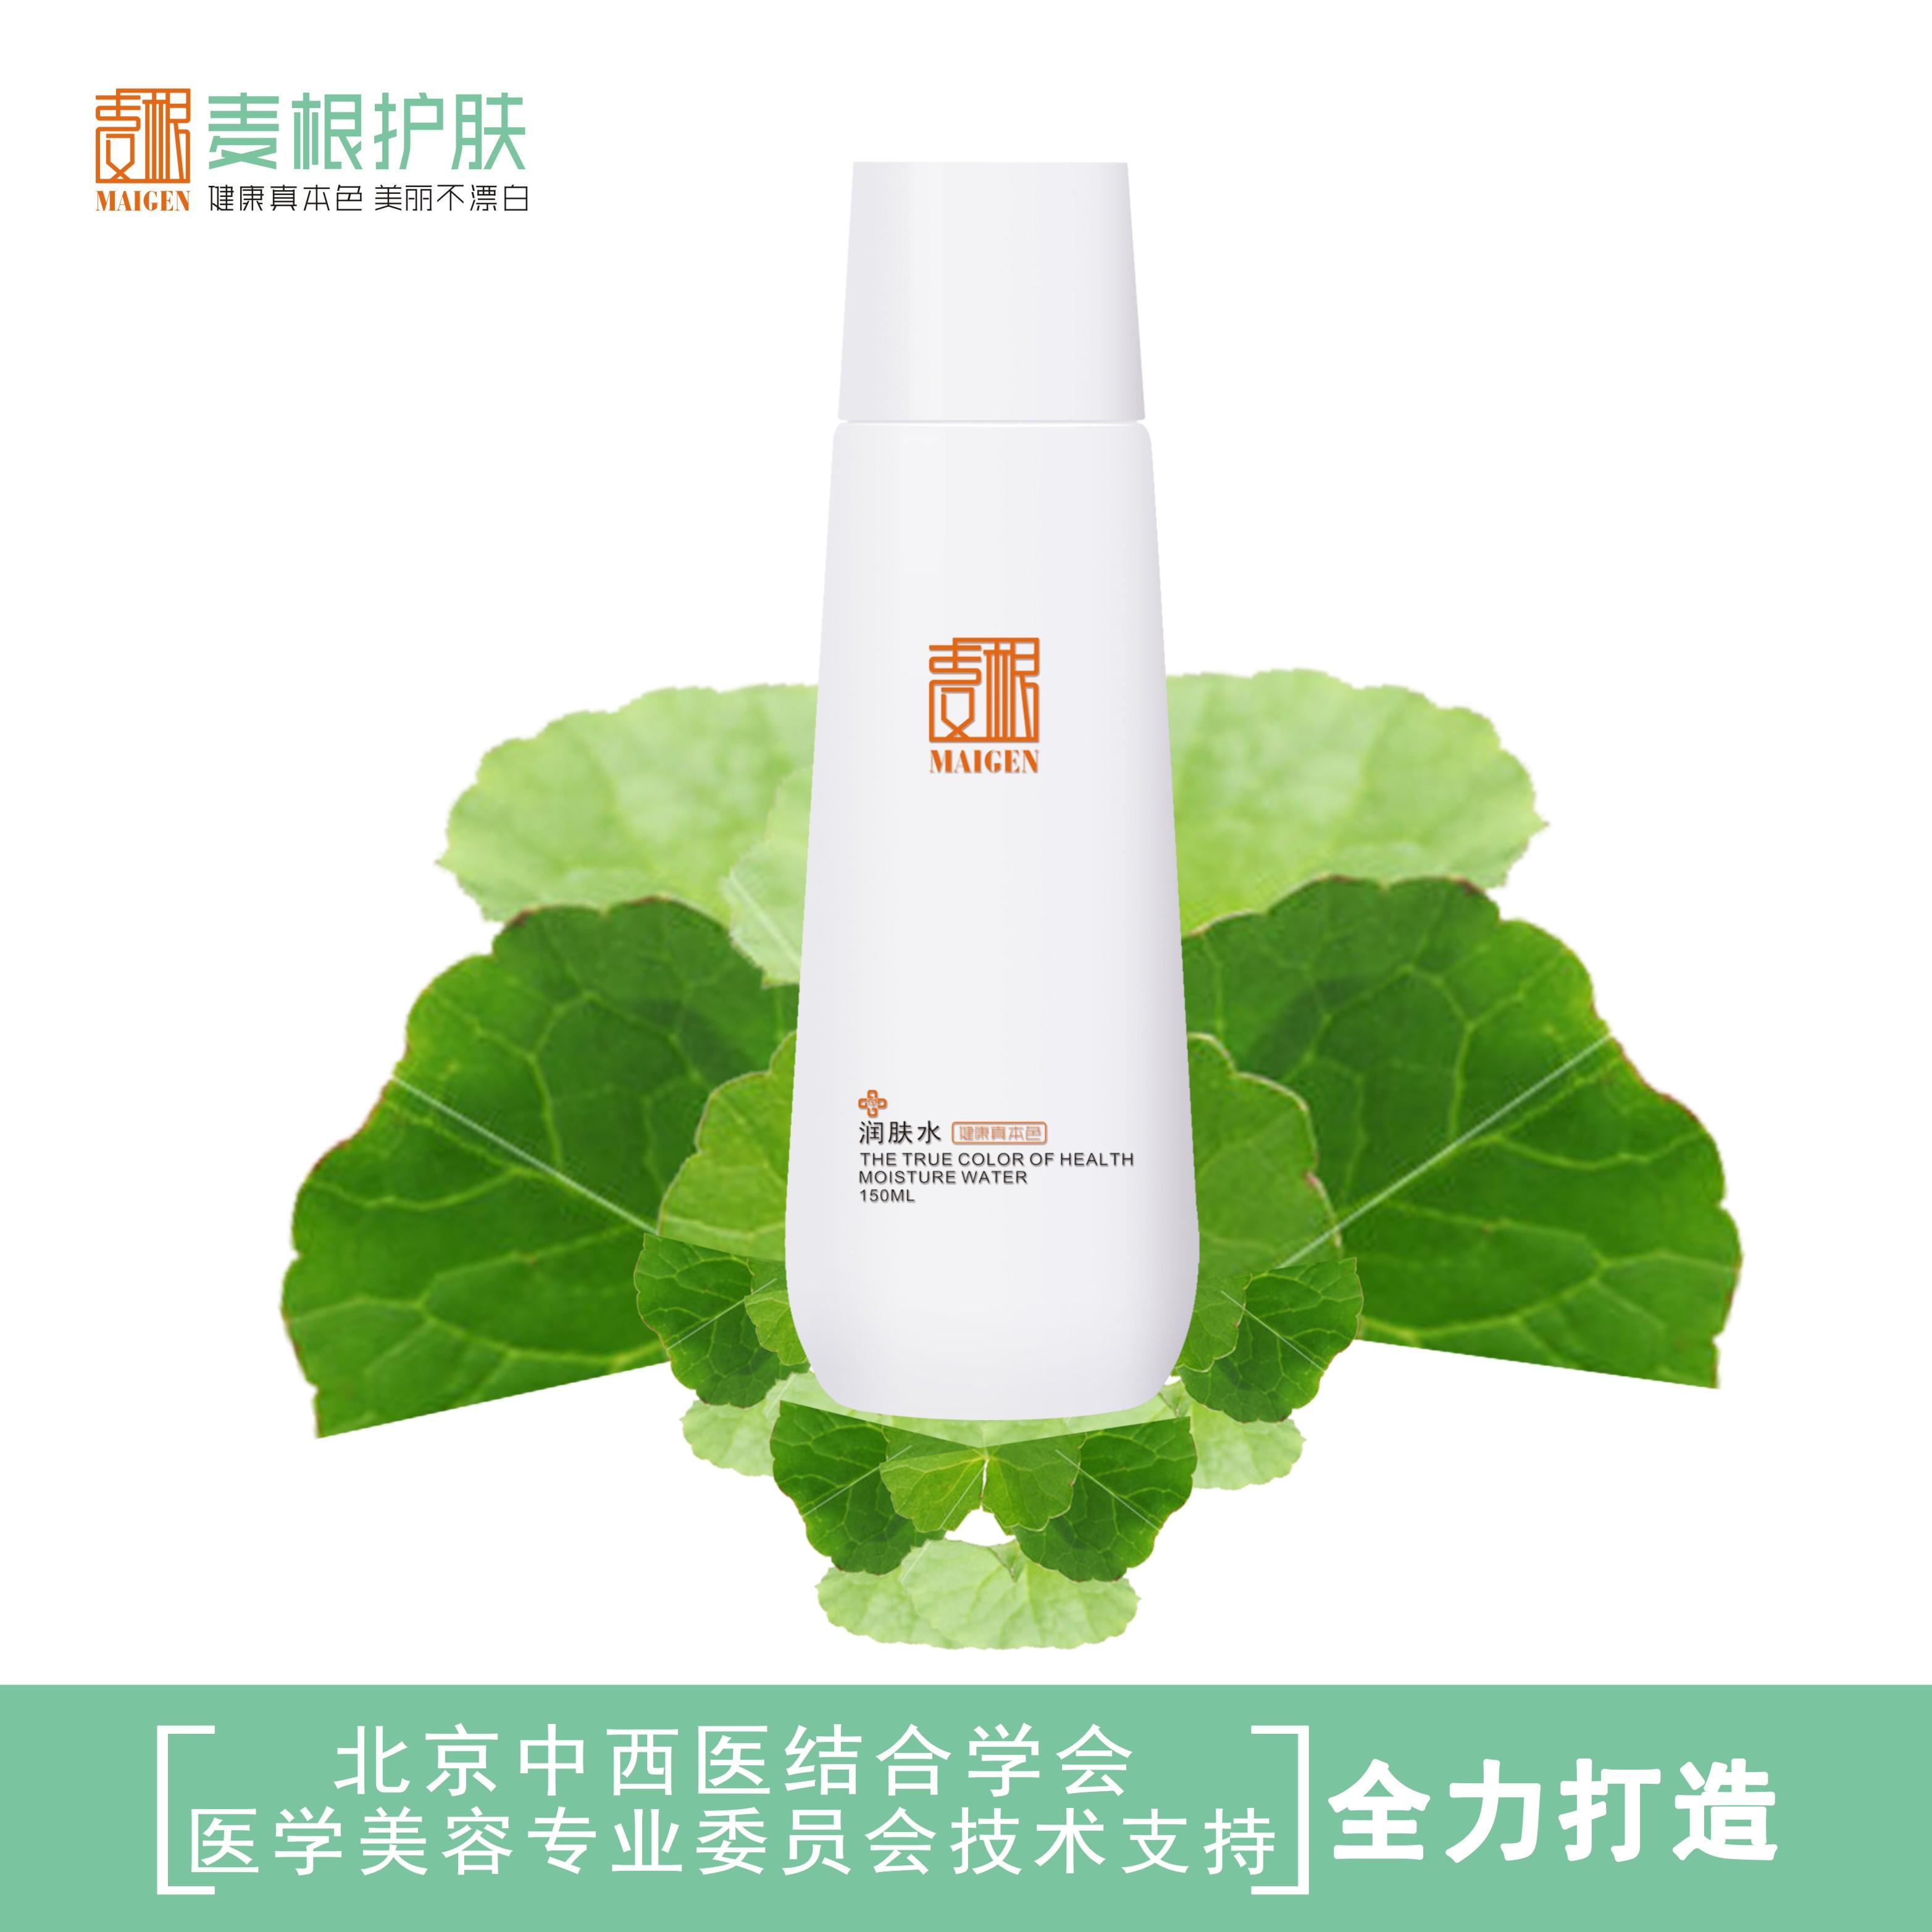 麦根(MAIGEN)卷柏锁水润肤水 化妆水 水润保湿 舒缓肌肤补水温和不刺激皮肤150ml/瓶